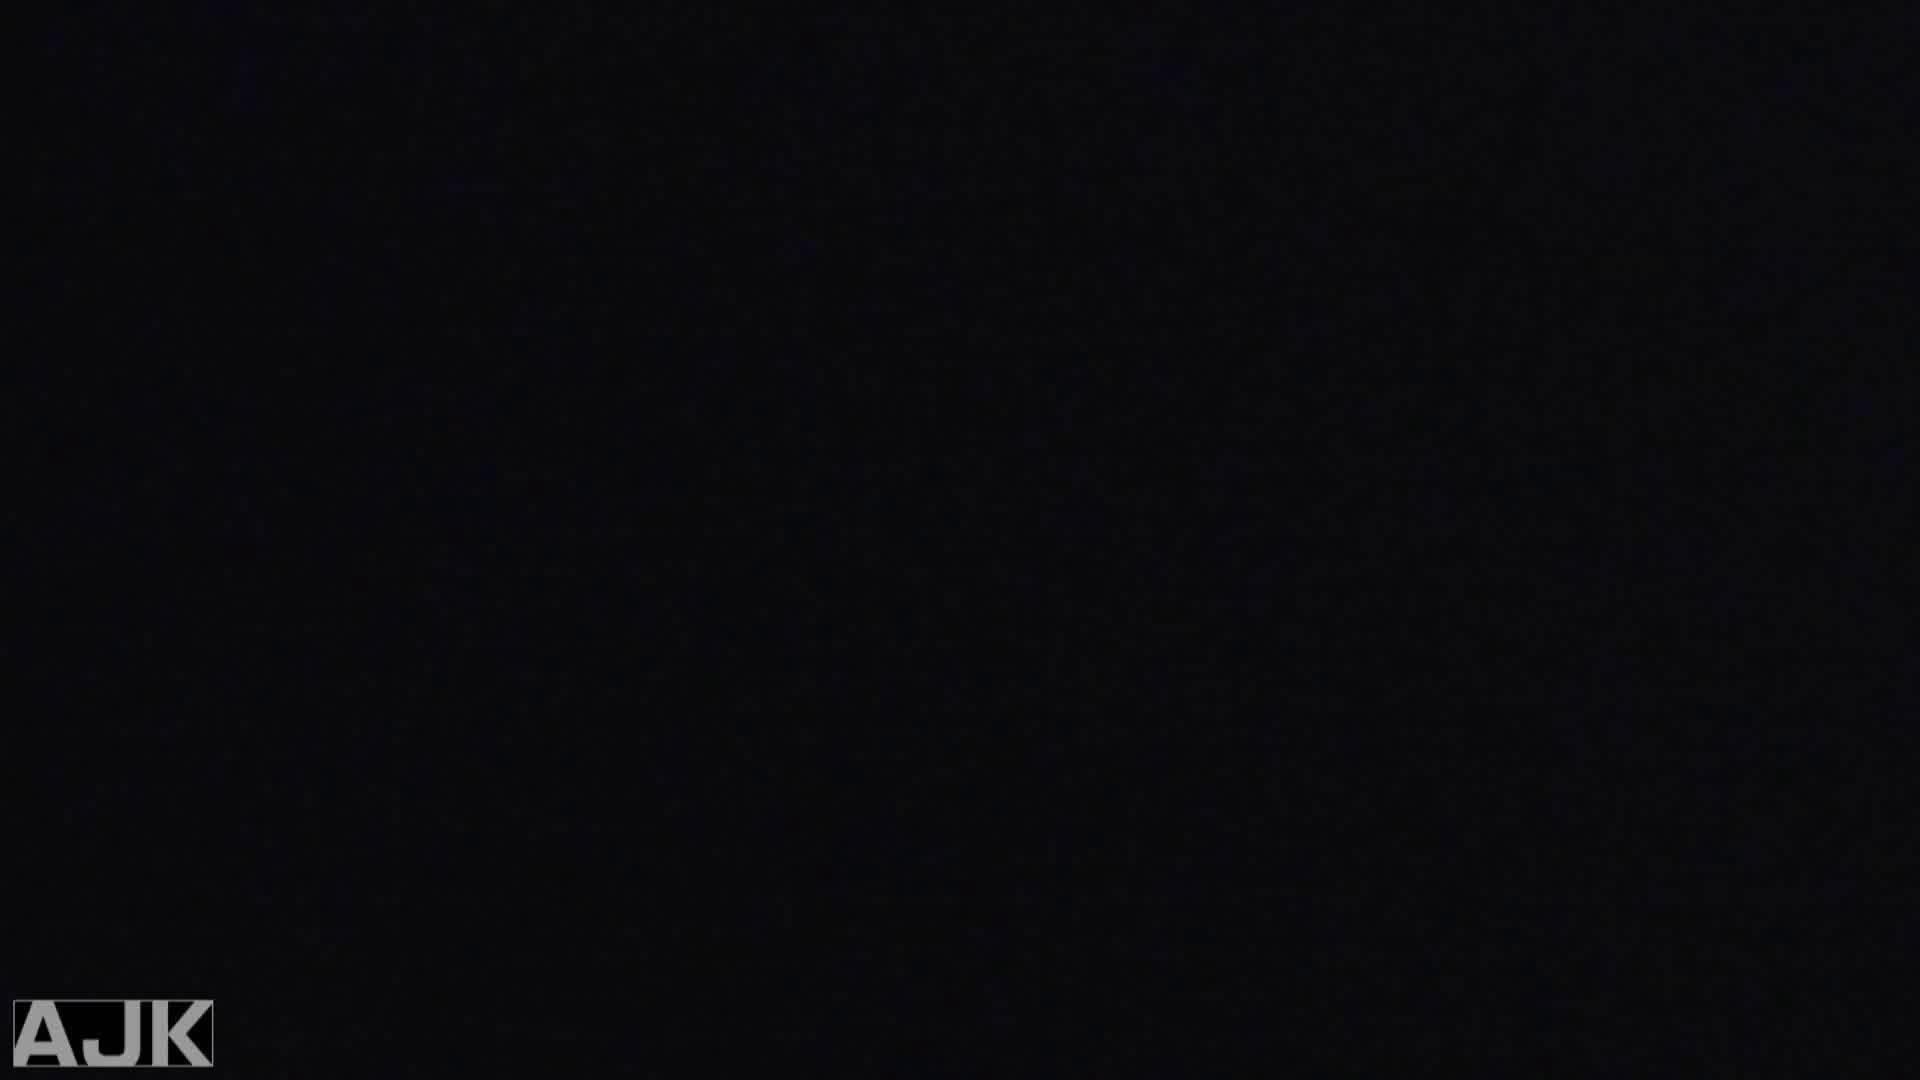 神降臨!史上最強の潜入かわや! vol.22 マンコ・ムレムレ  96pic 56